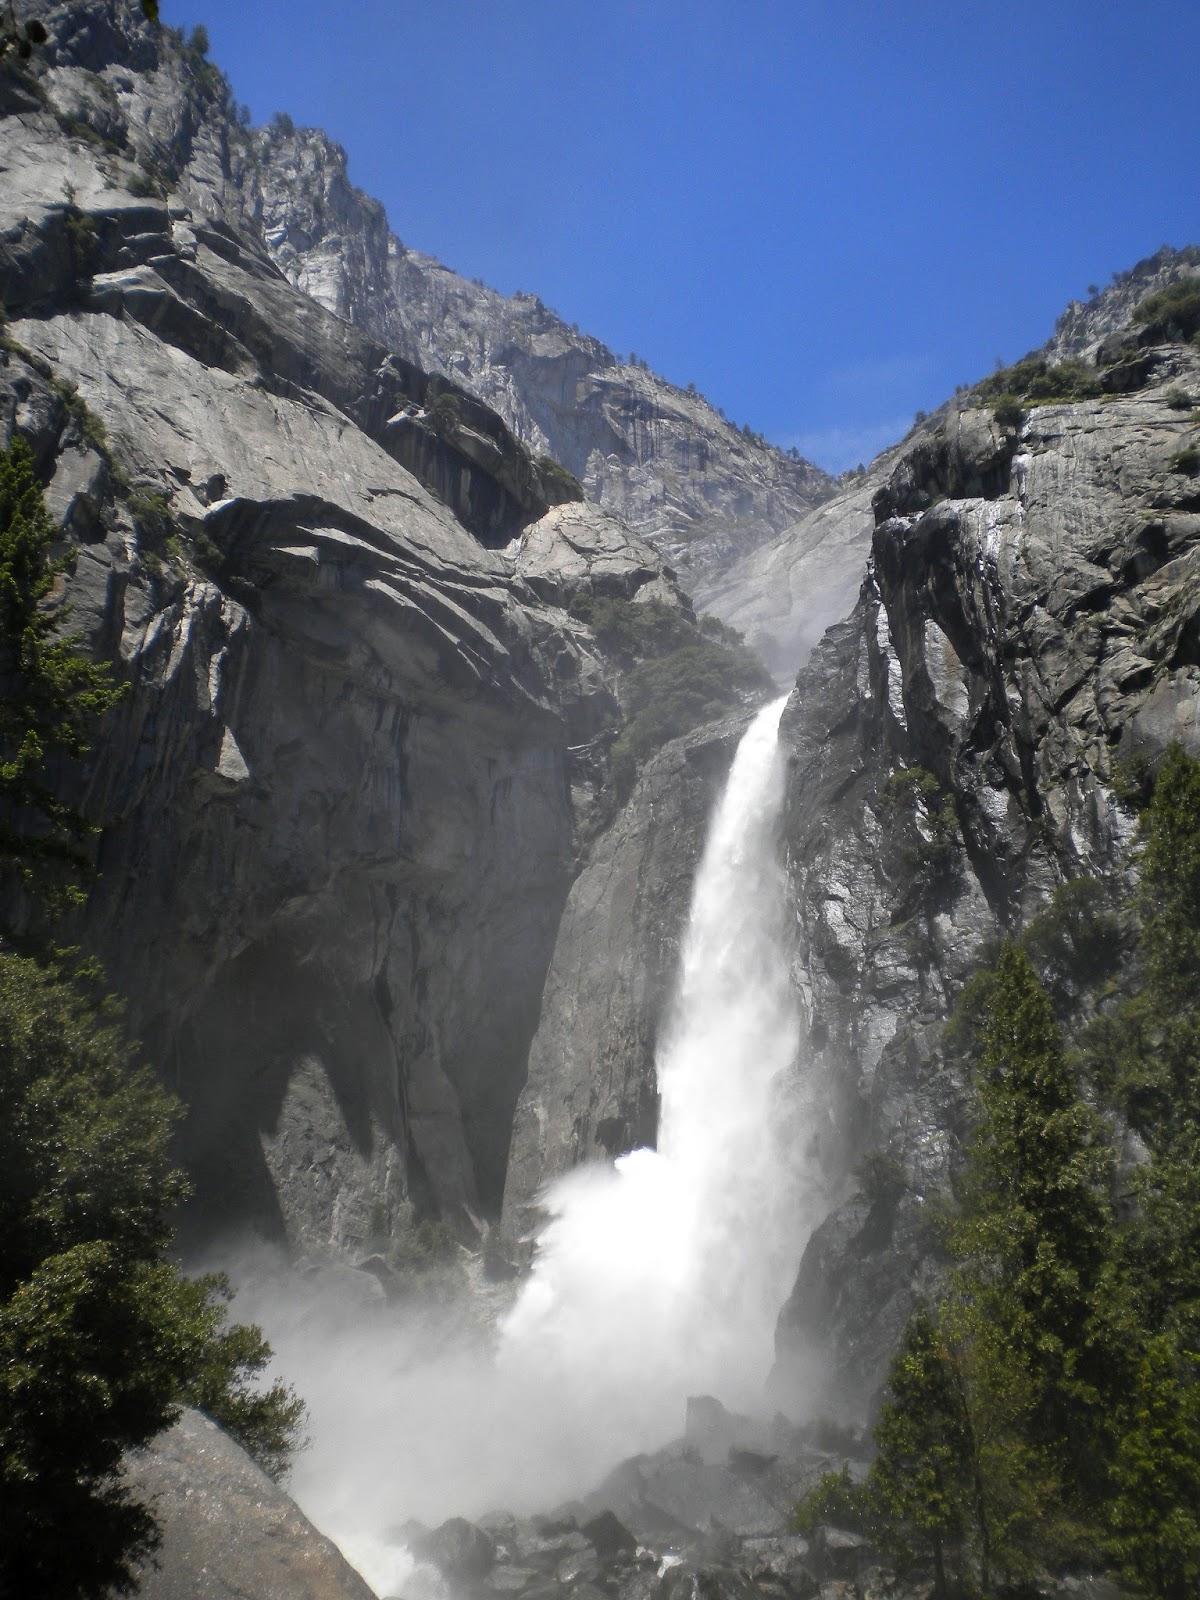 yosemite kansallispuisto national park california matkailu matkajuttu mallaspulla vesiputous waterfall